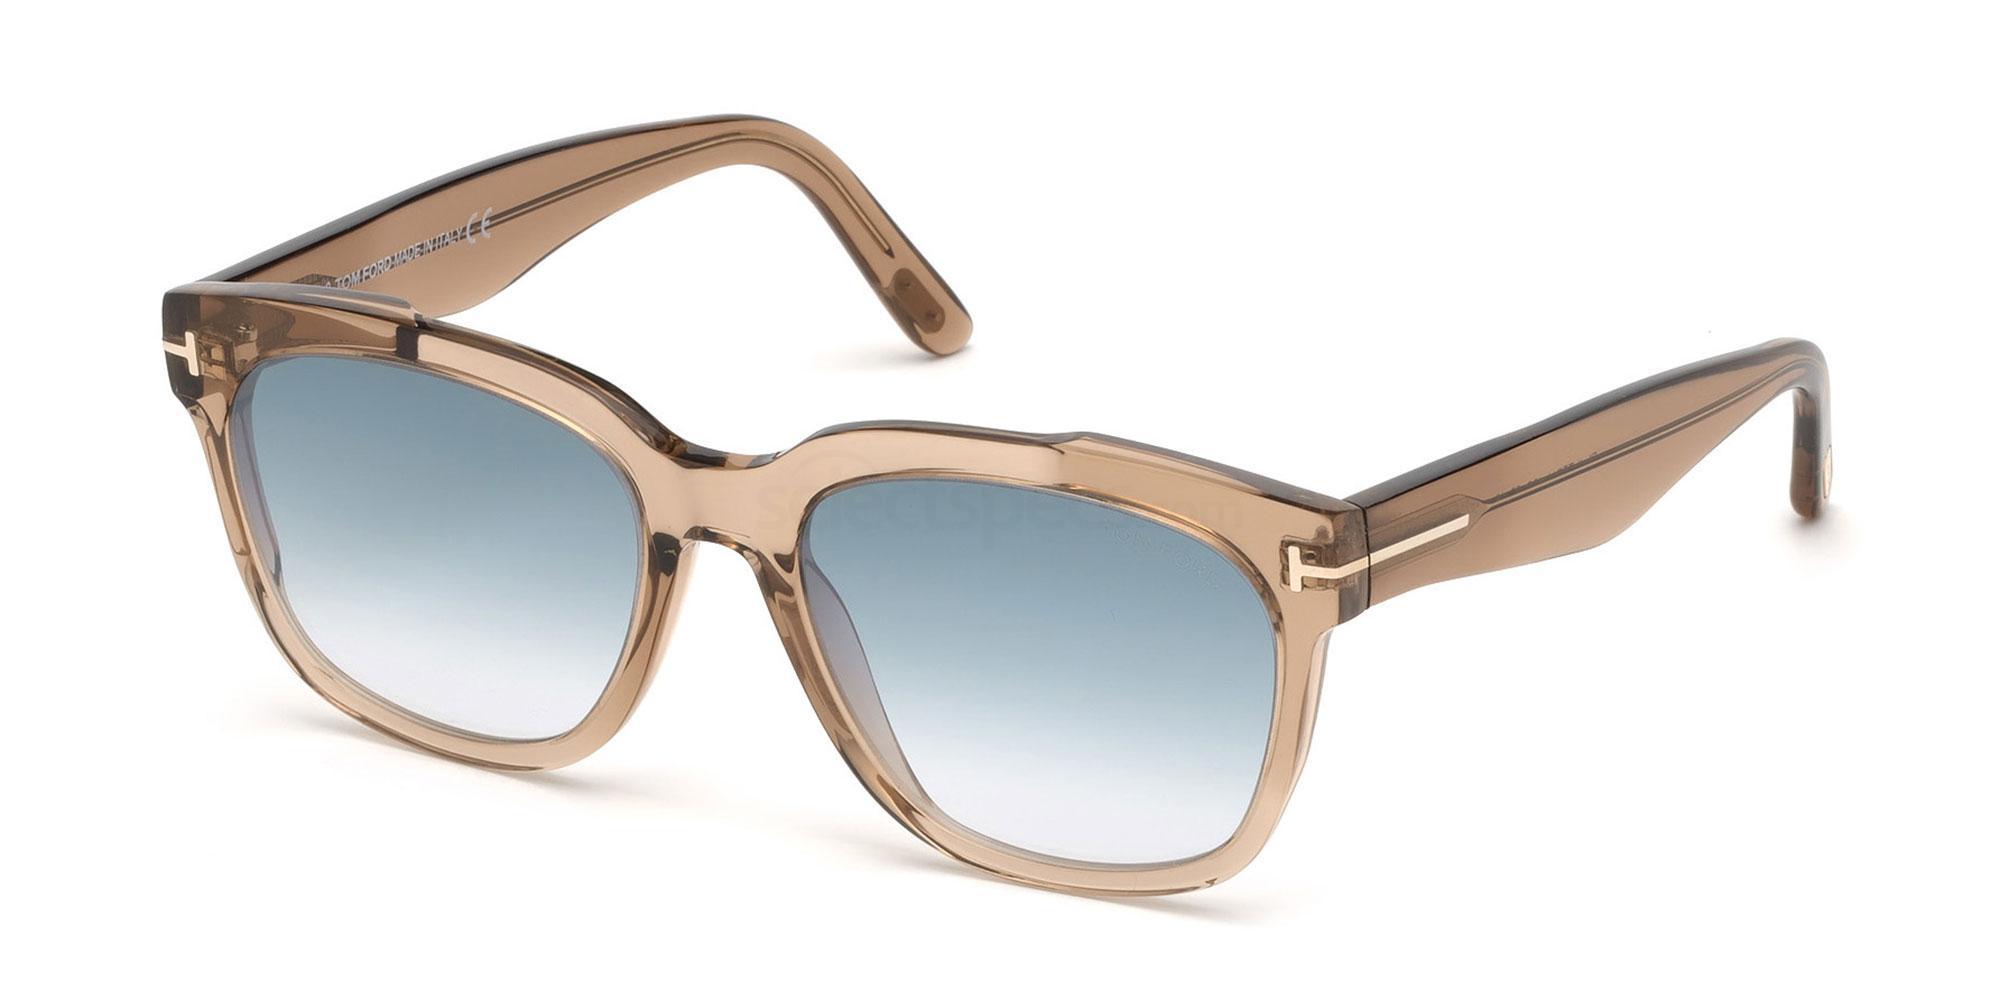 45Q FT0714 Sunglasses, Tom Ford